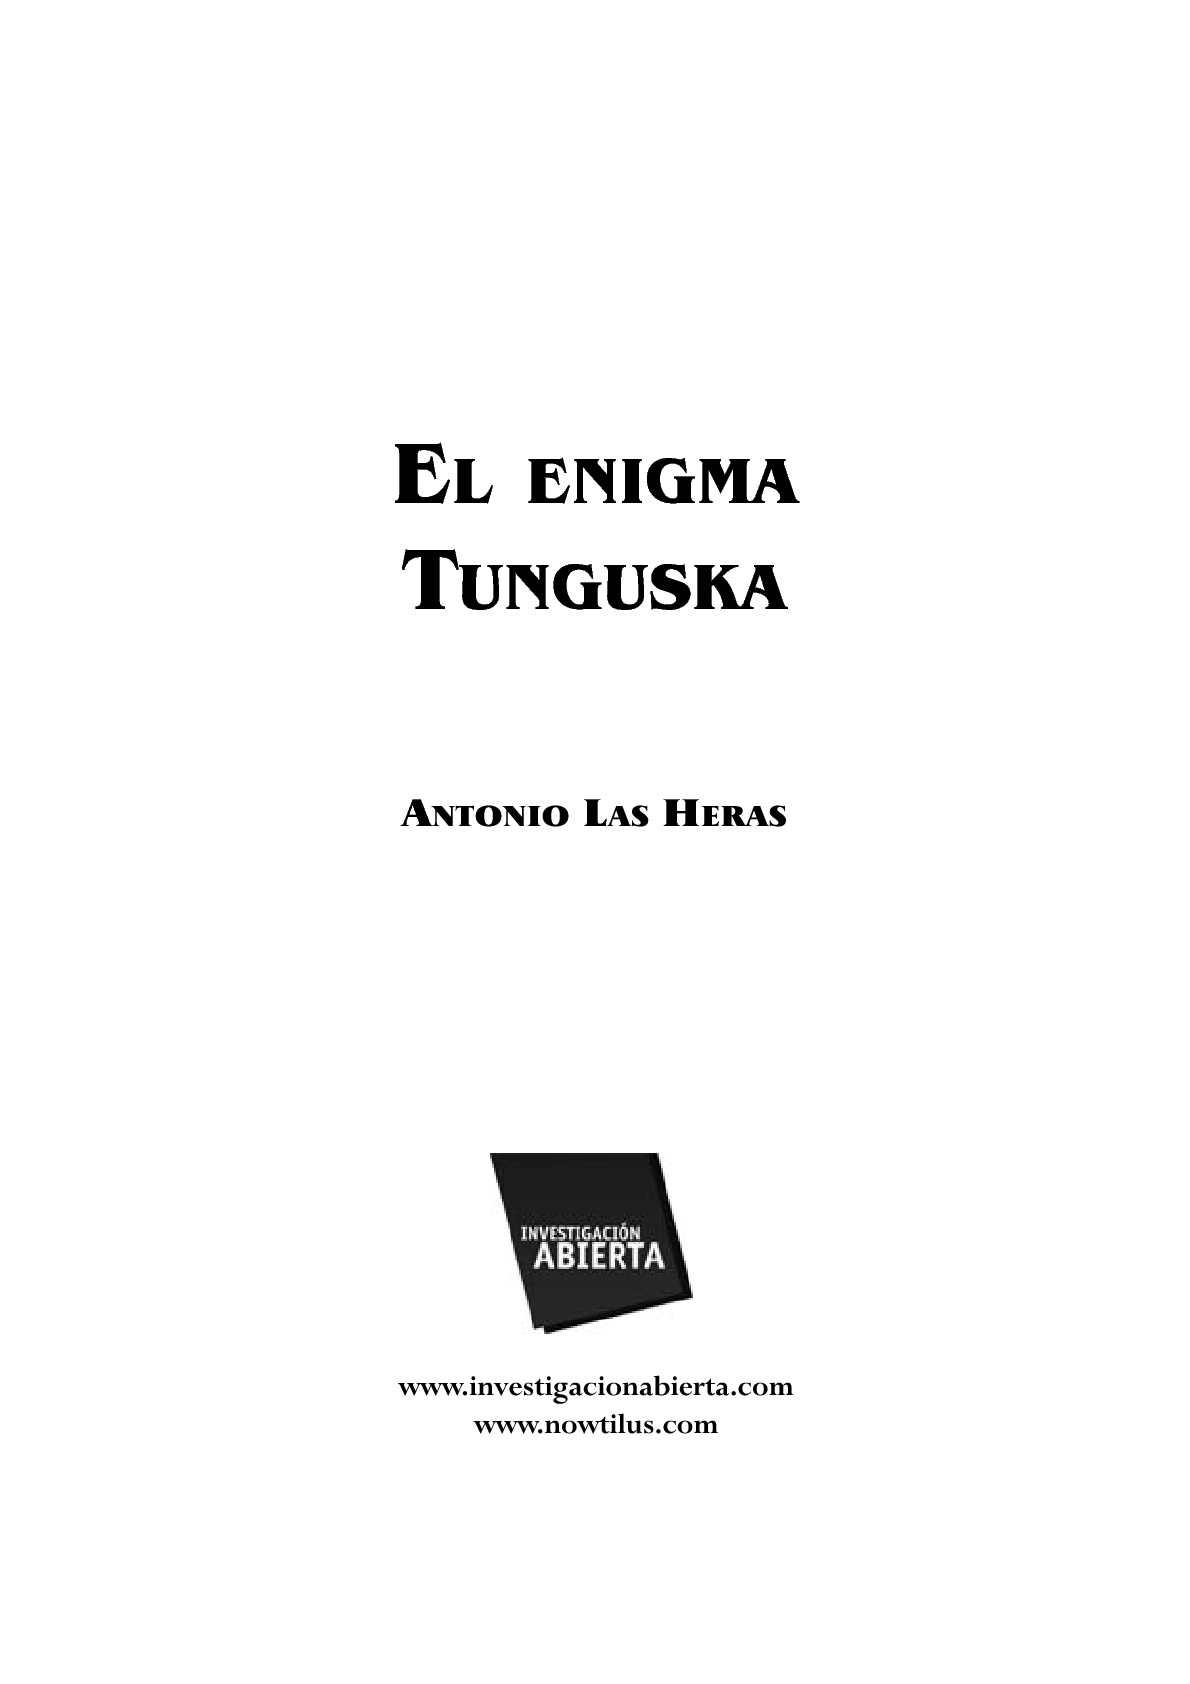 El enigma de Tungusca